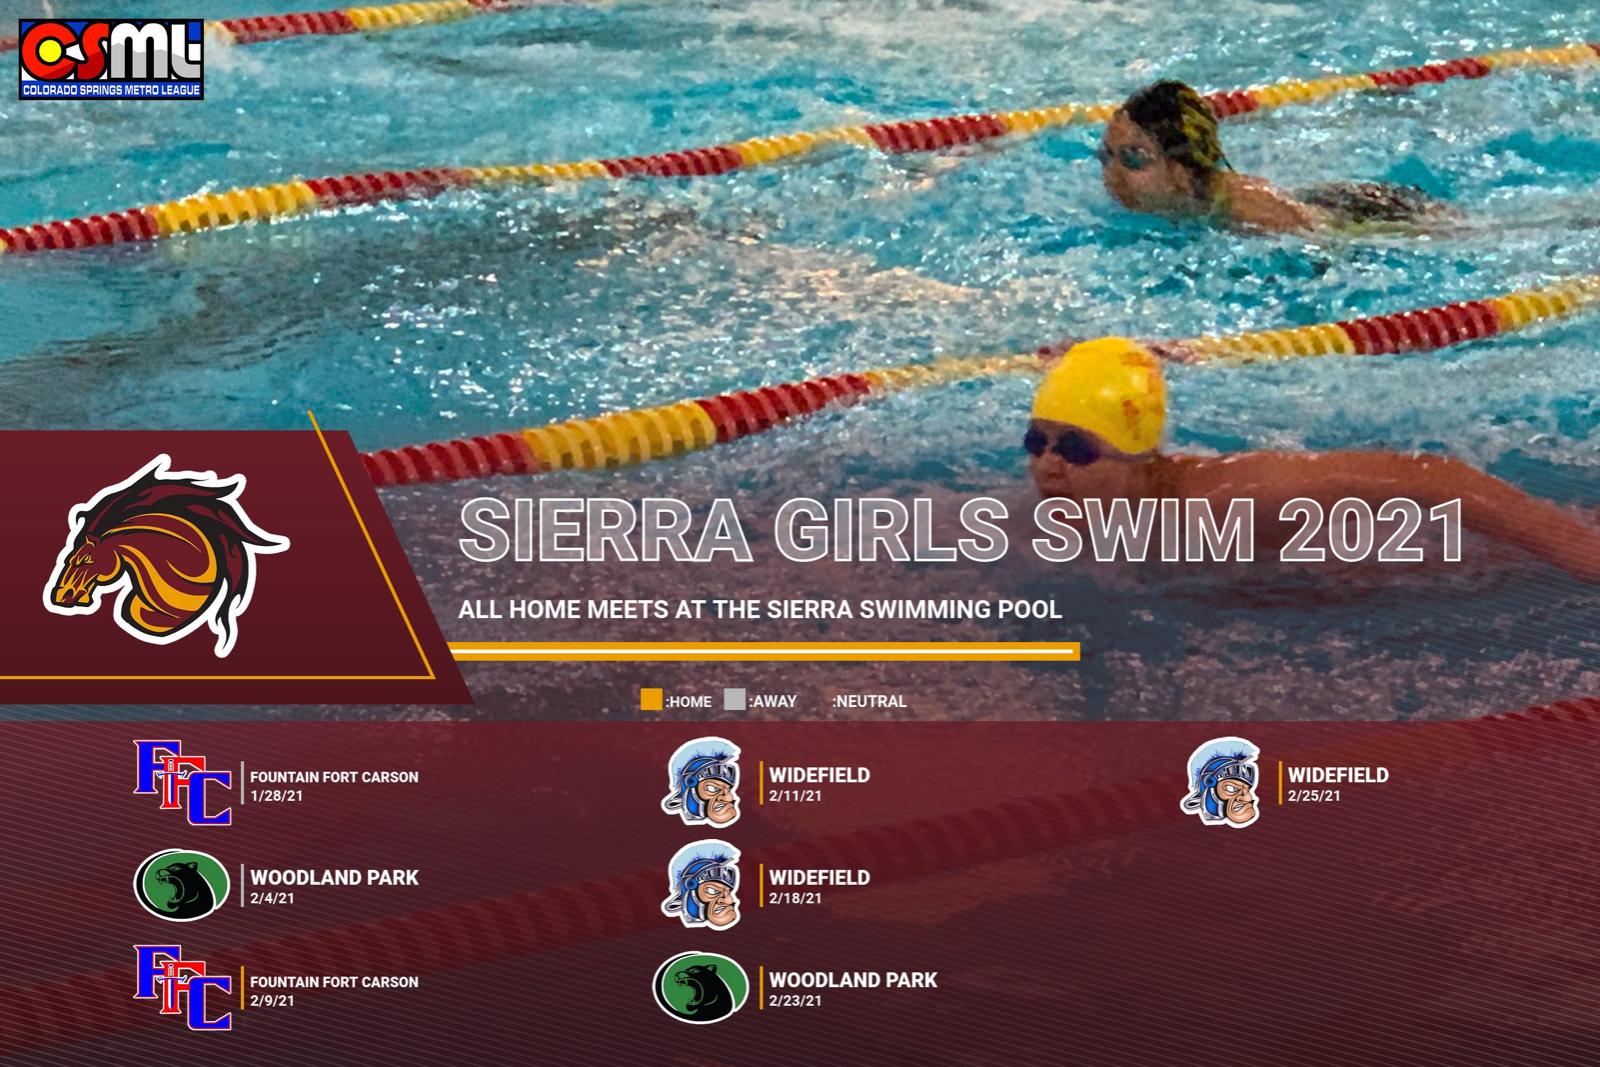 2021 Sierra Girls Swim Schedule